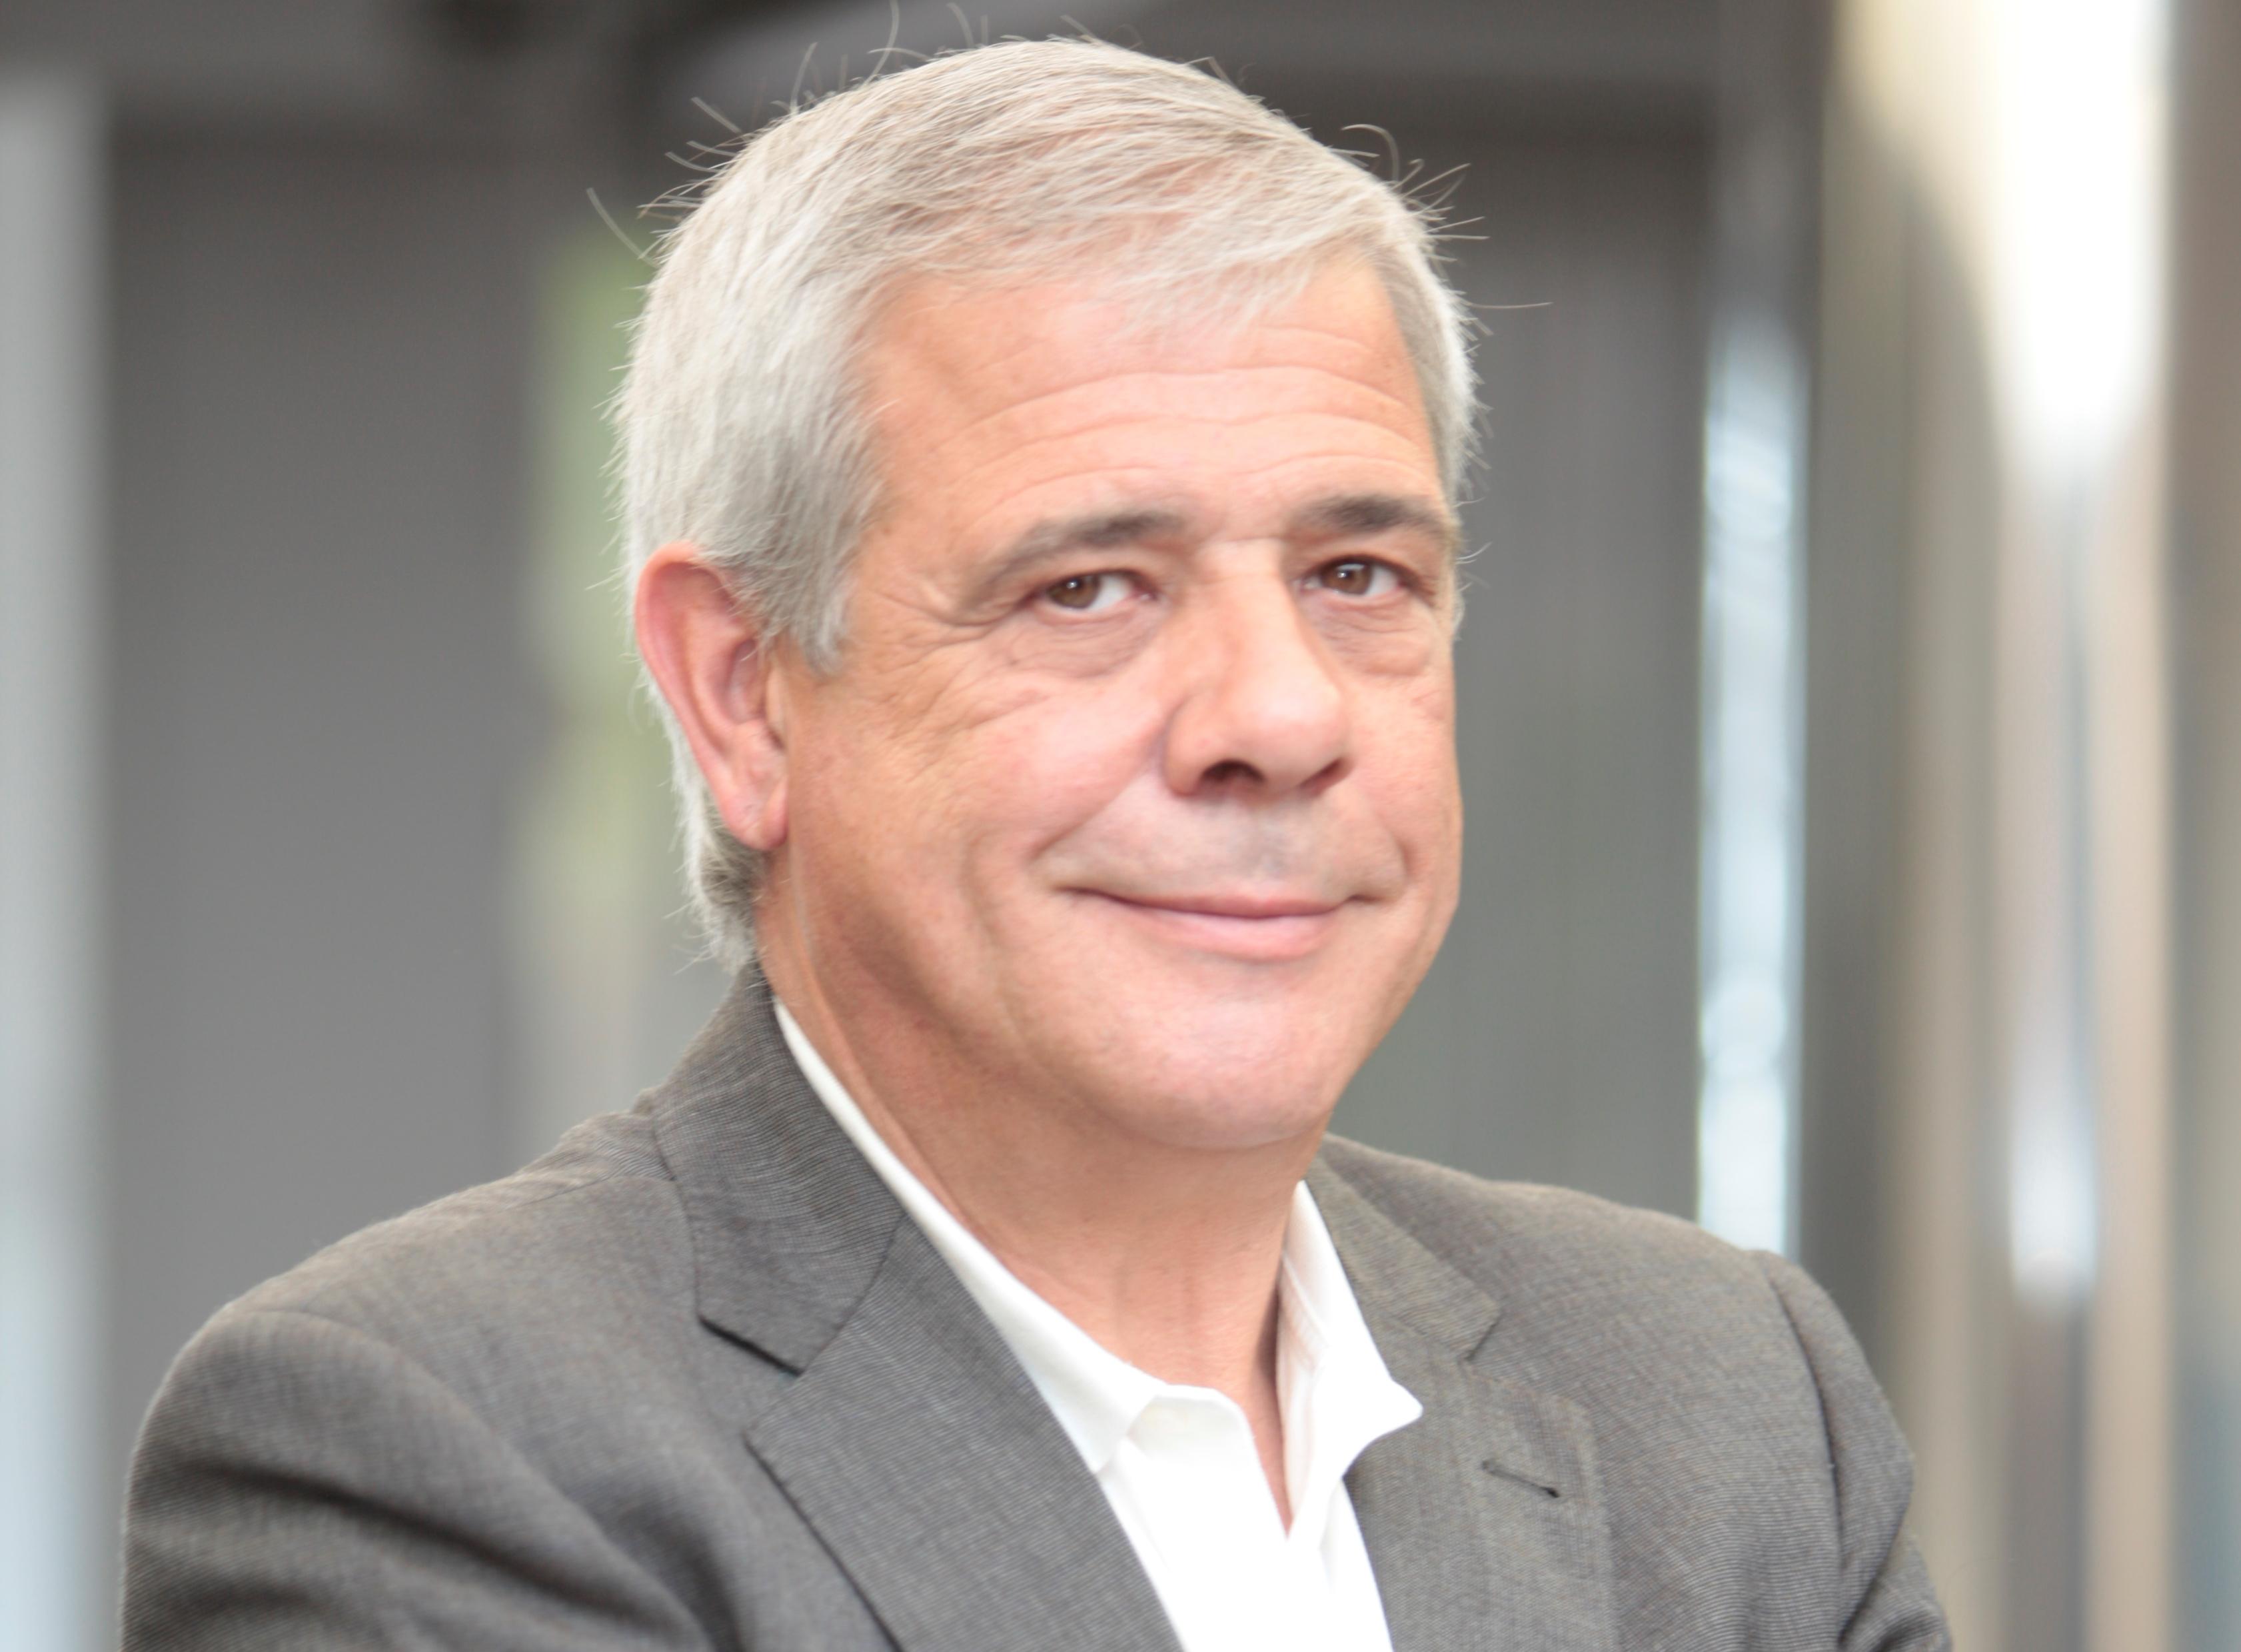 Article d'opinió de Ricard Torralba, president del Consorci: PENSAR ABANS DE LLENÇAR